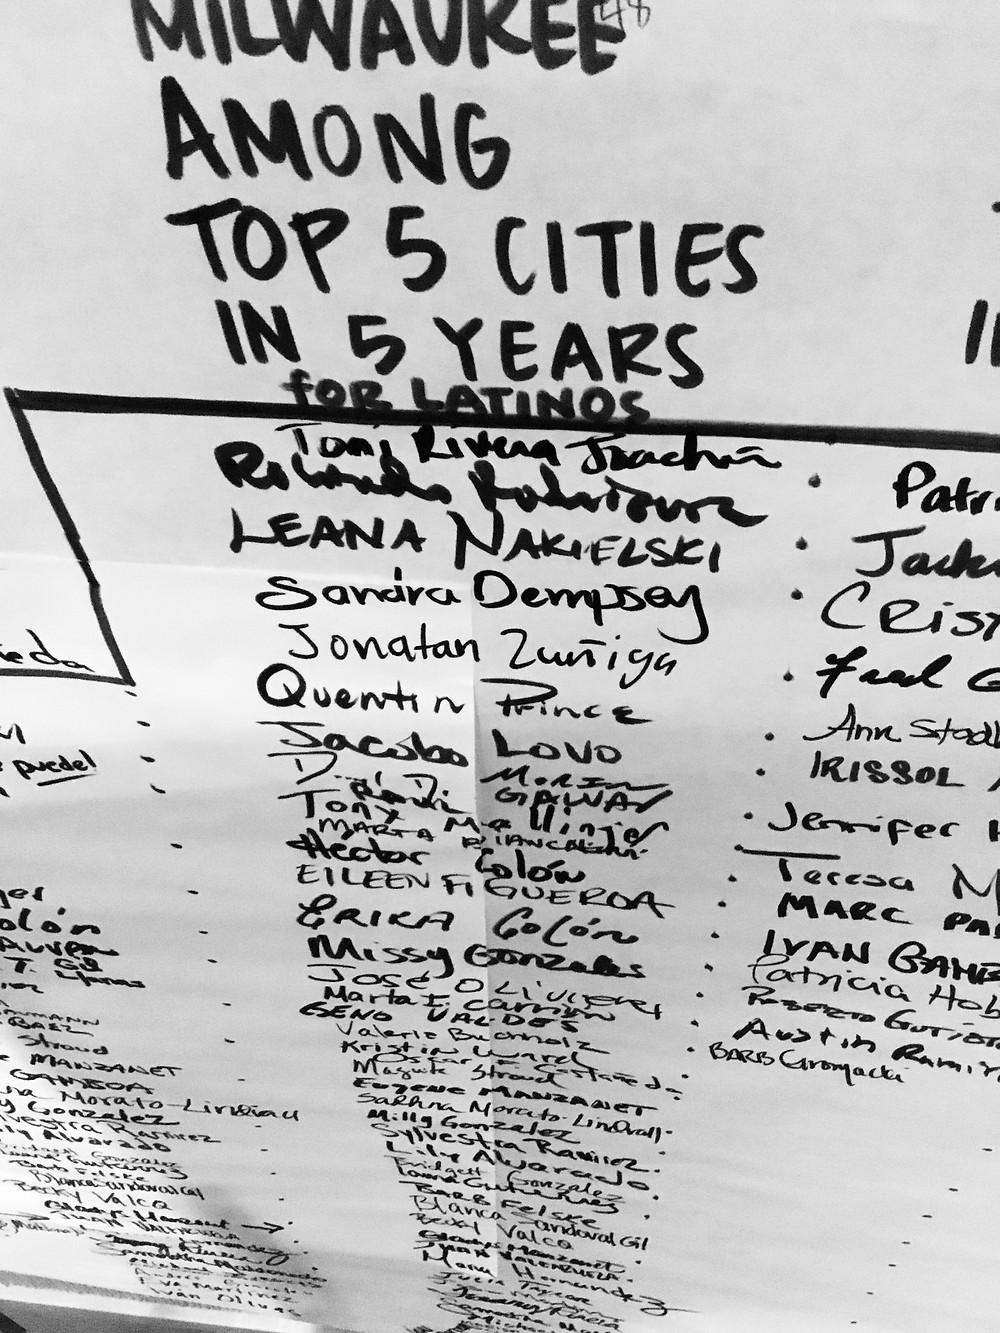 Signatures list